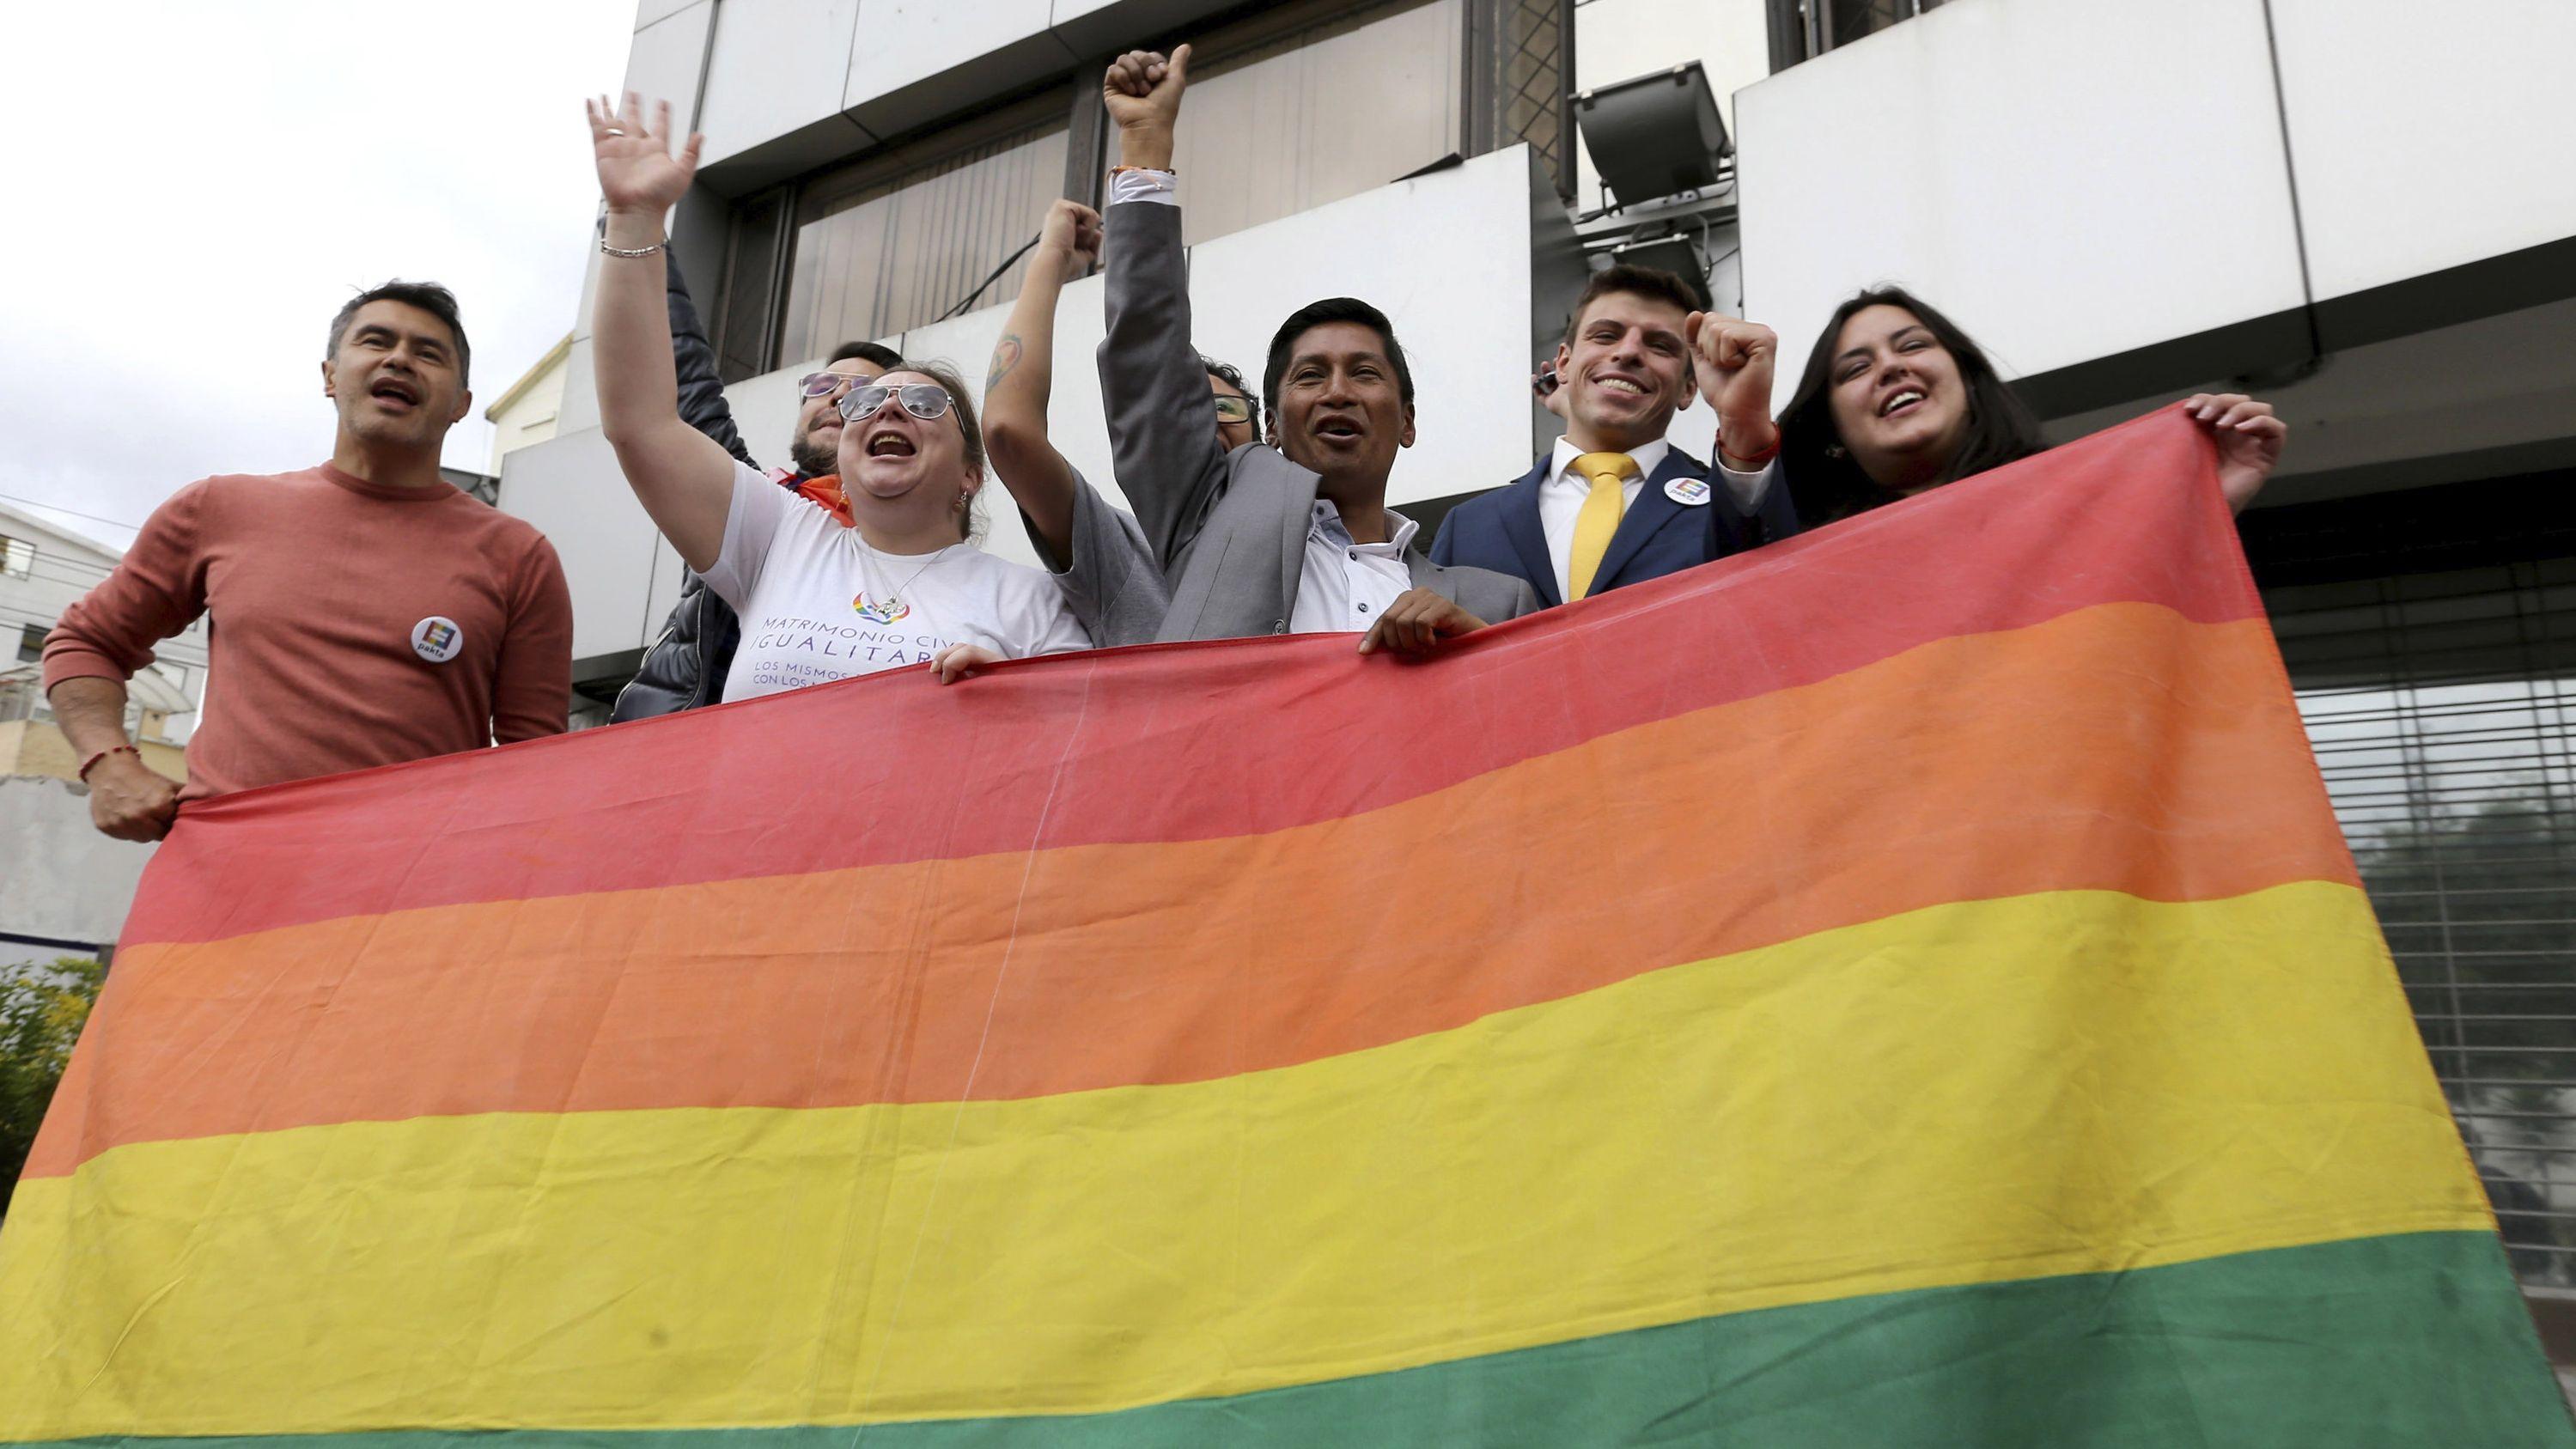 Führer von Lesben- und Schwulenverbänden in Ecuador feiern außerhalb des Gerichts in Quito die Erlaubnis der gleichgeschlechtlichen Ehe